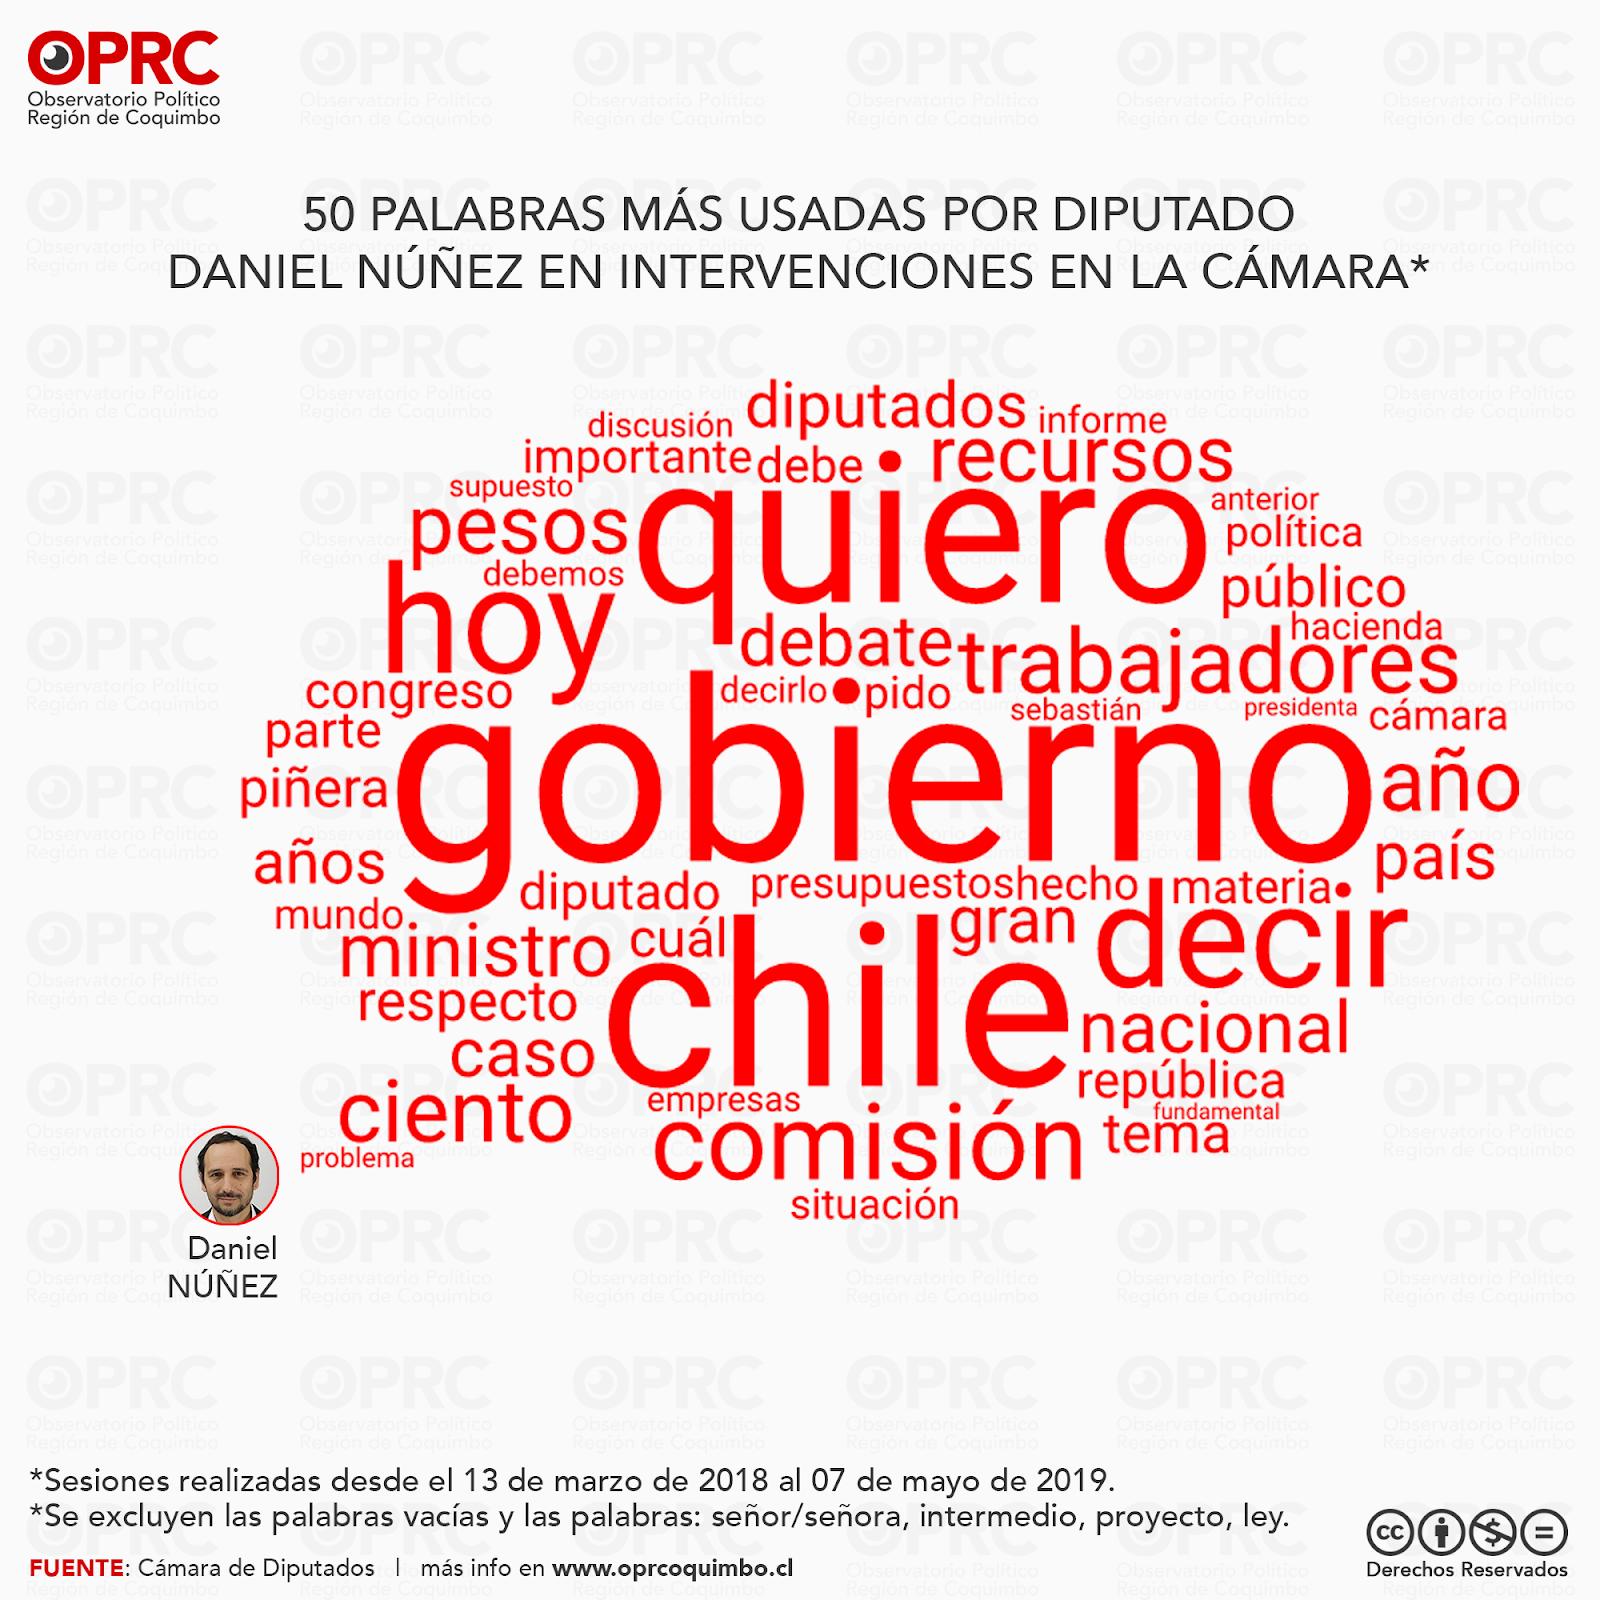 Palabras más usadas por Diputado Daniel Núñez en intervenciones en Sala